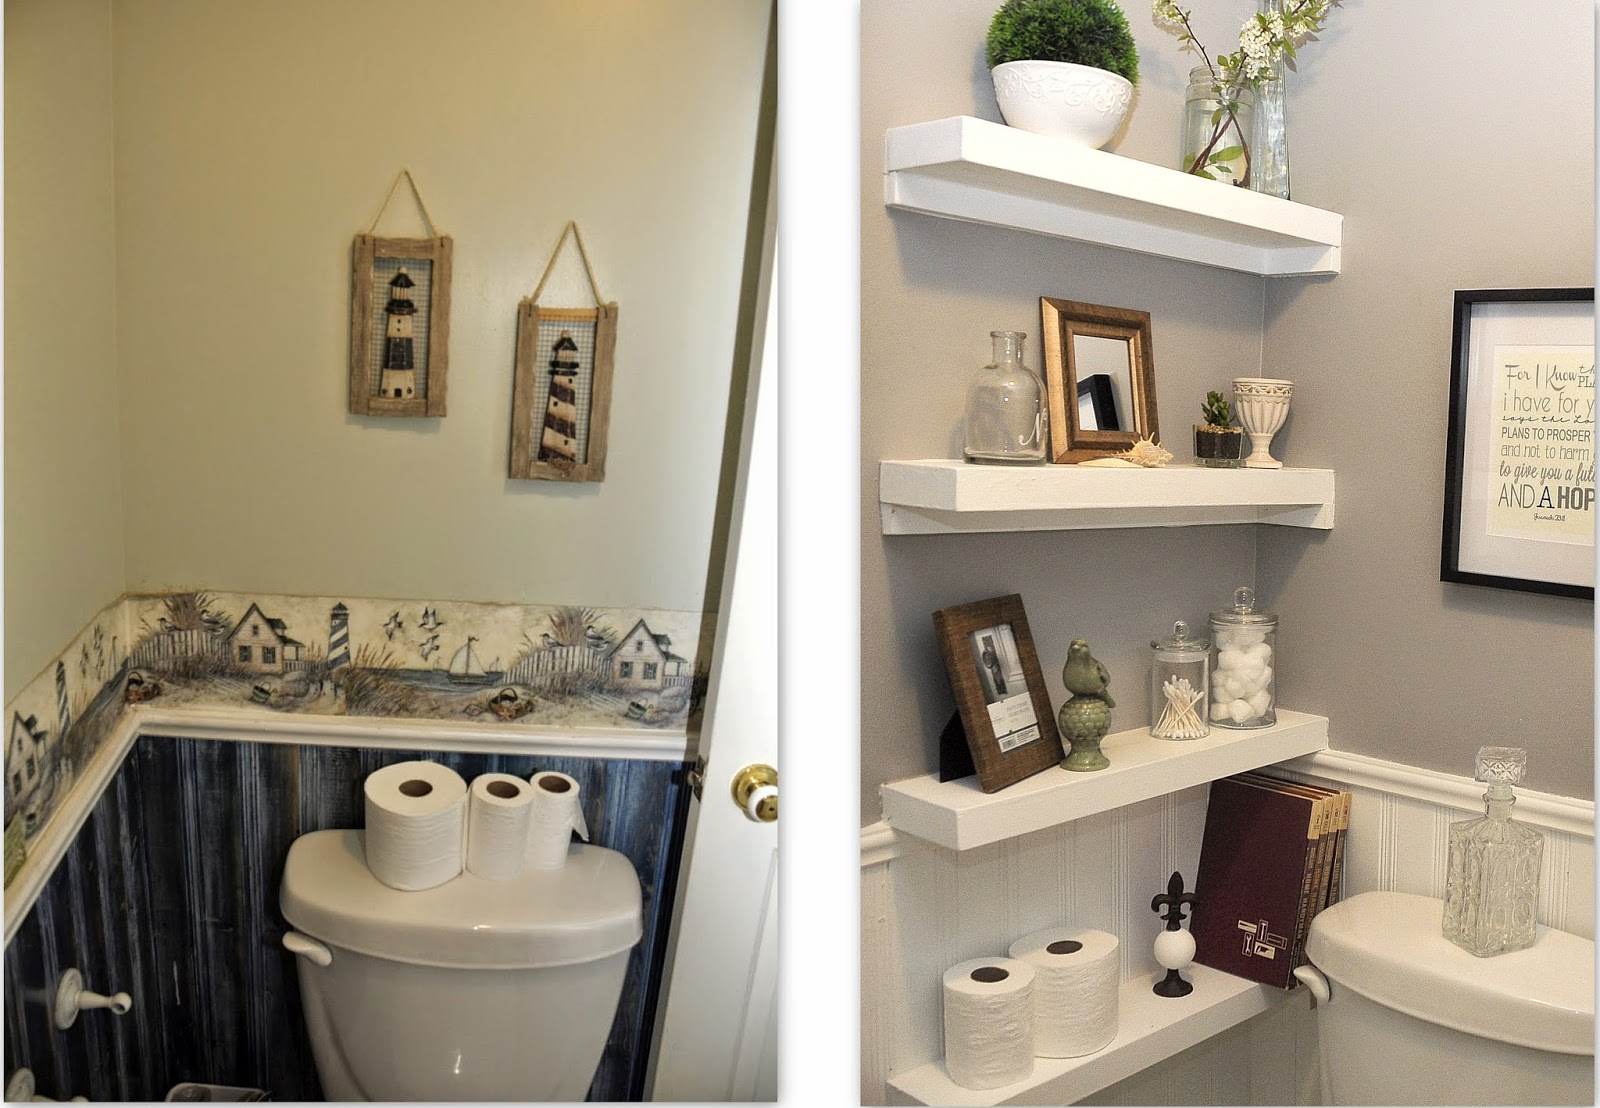 La joie d 39 apprendre salle de bain avant apr s une graduation - Pinterest salle de bain ...